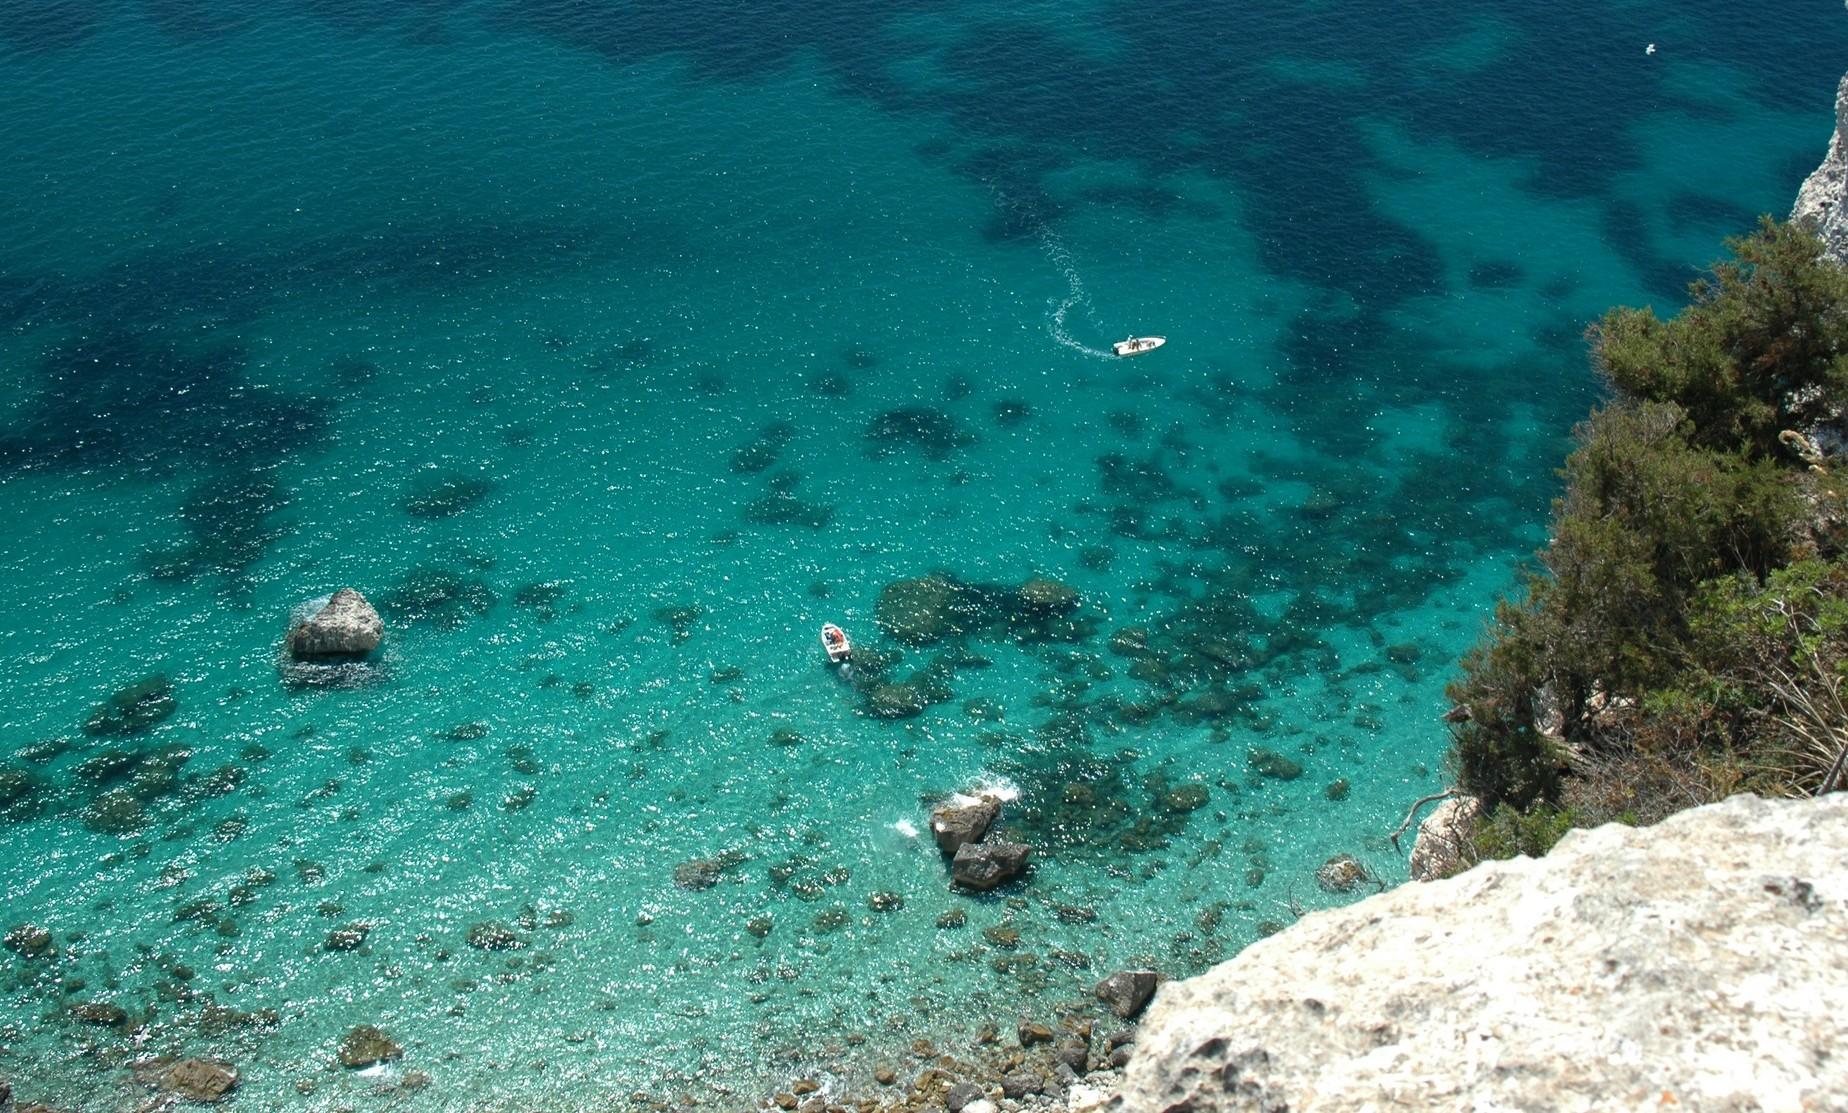 Spiaggia di Cagliari Cala Mosca come arrivare. Servizio di salvamento a mare spiaggia Cala Mosca a Cagliari fino al 15 settembre 2016.